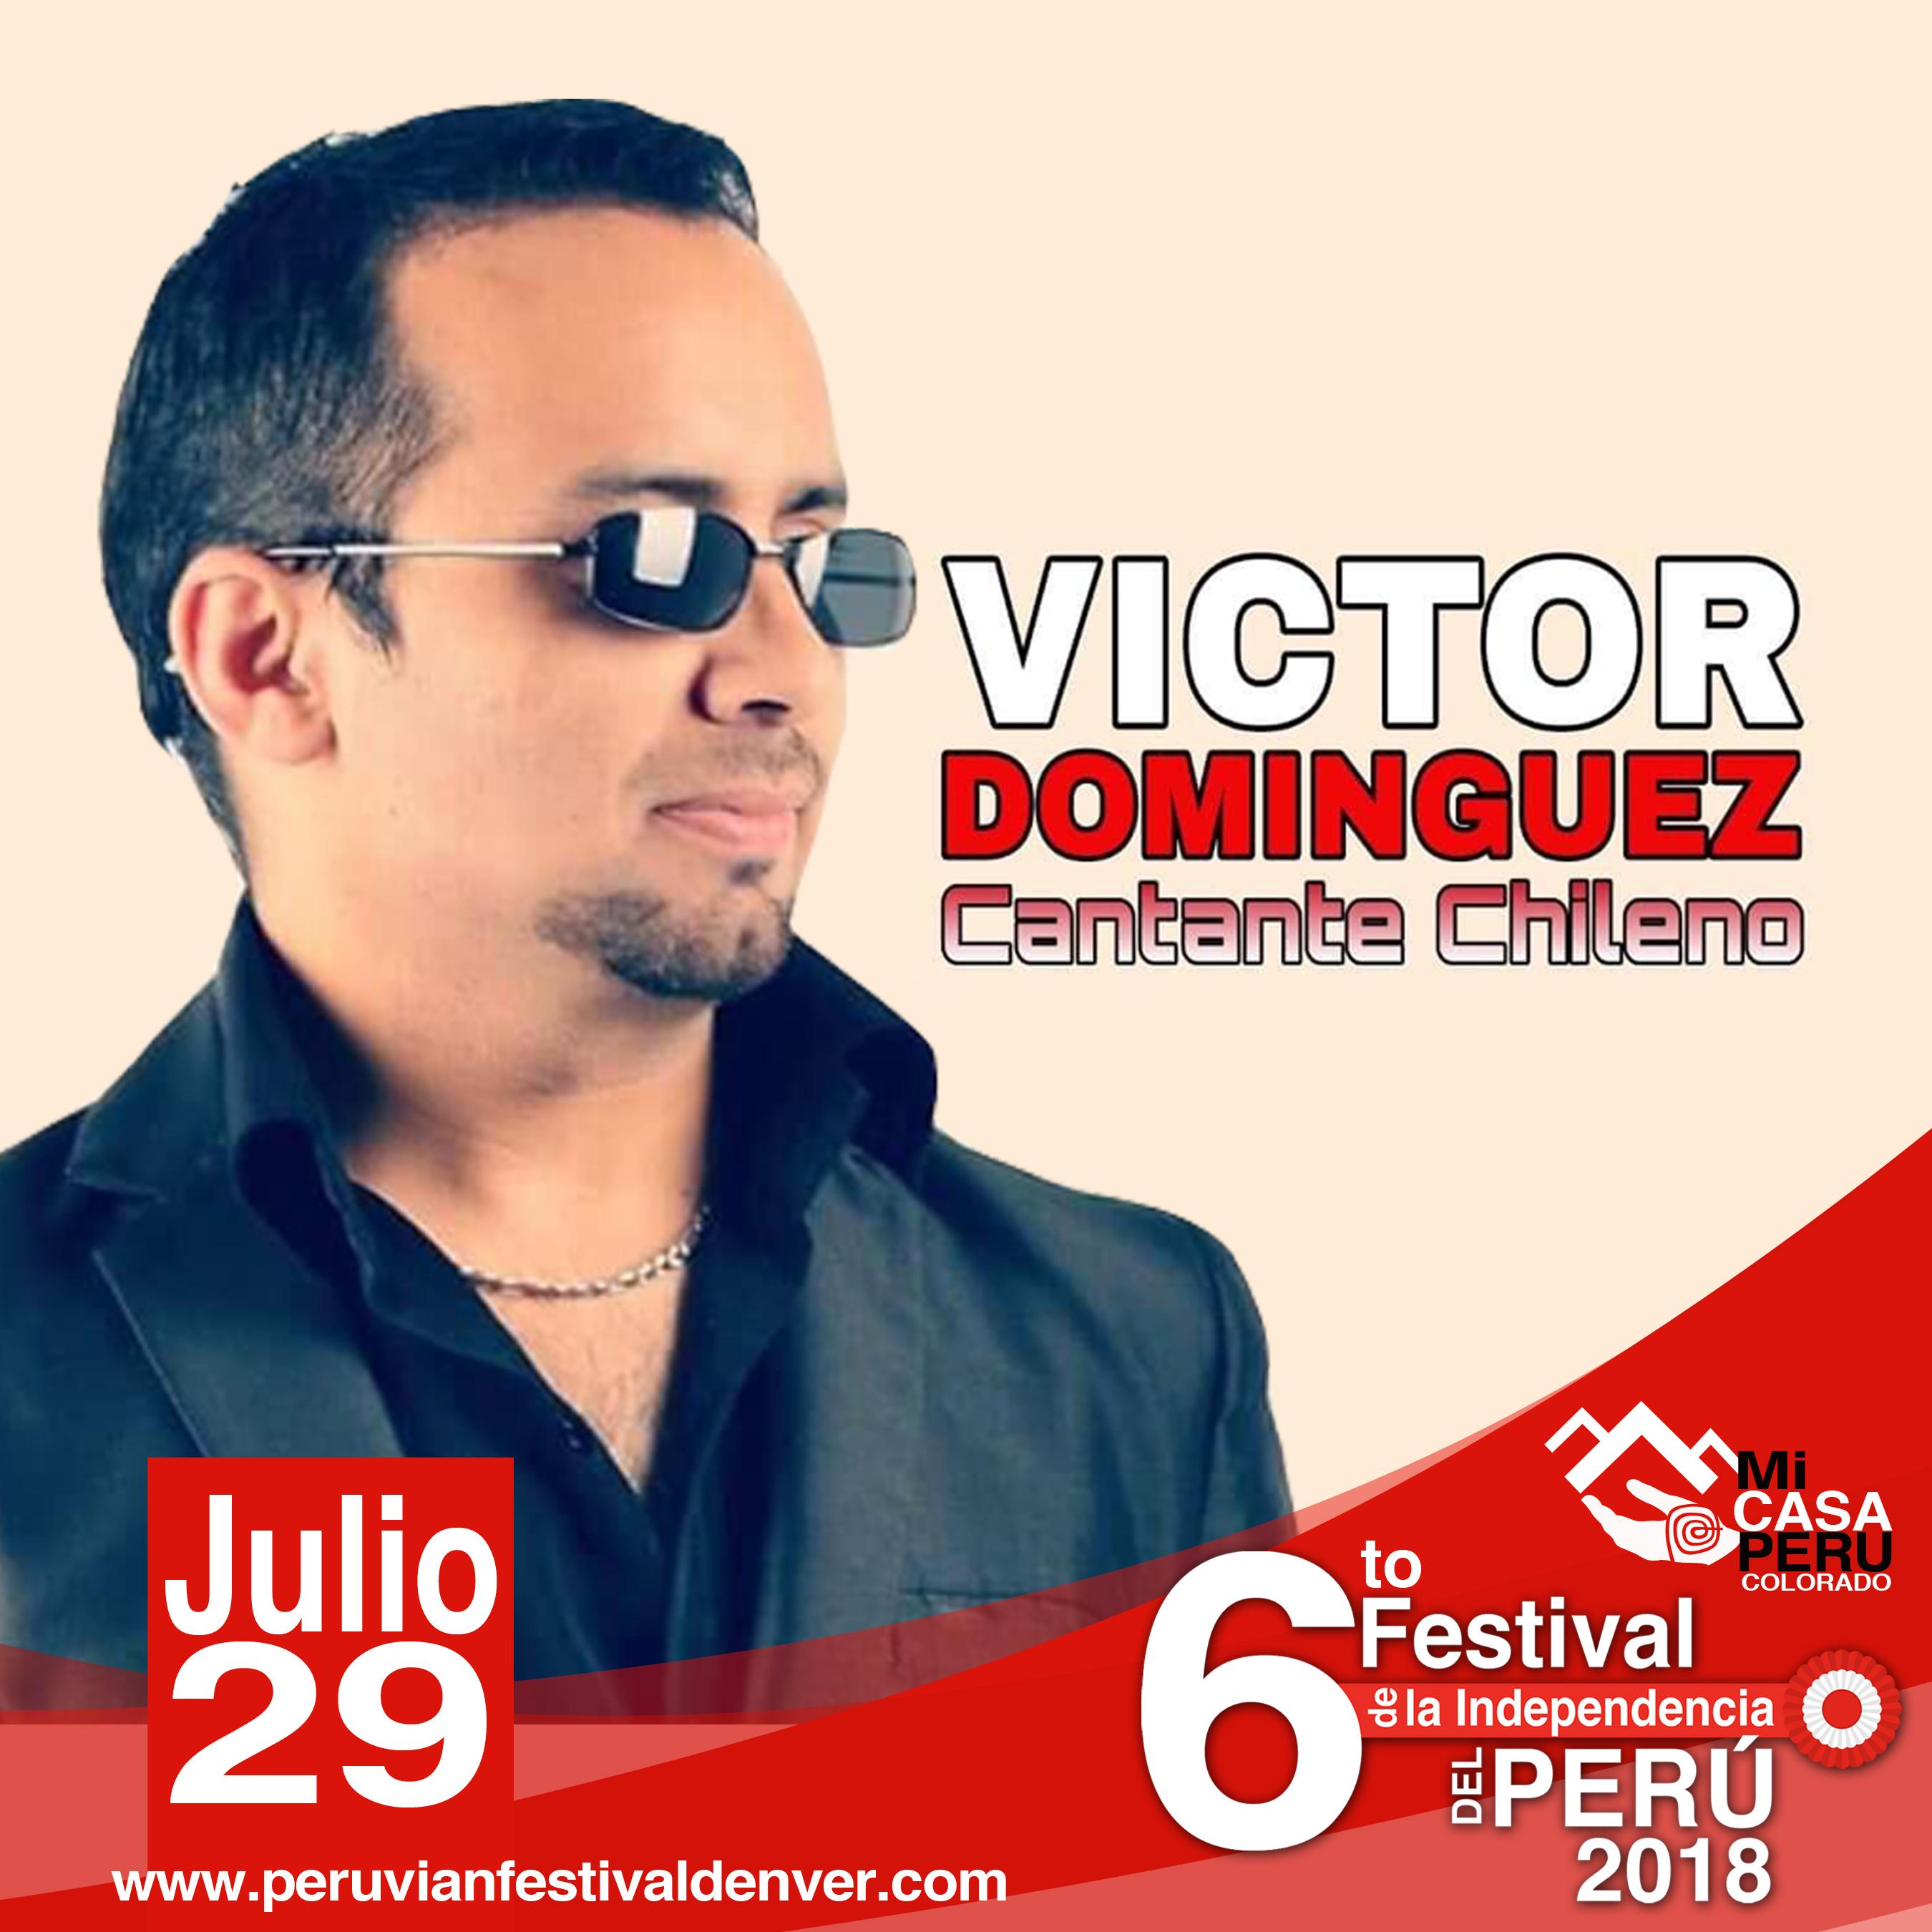 Victor-chileno